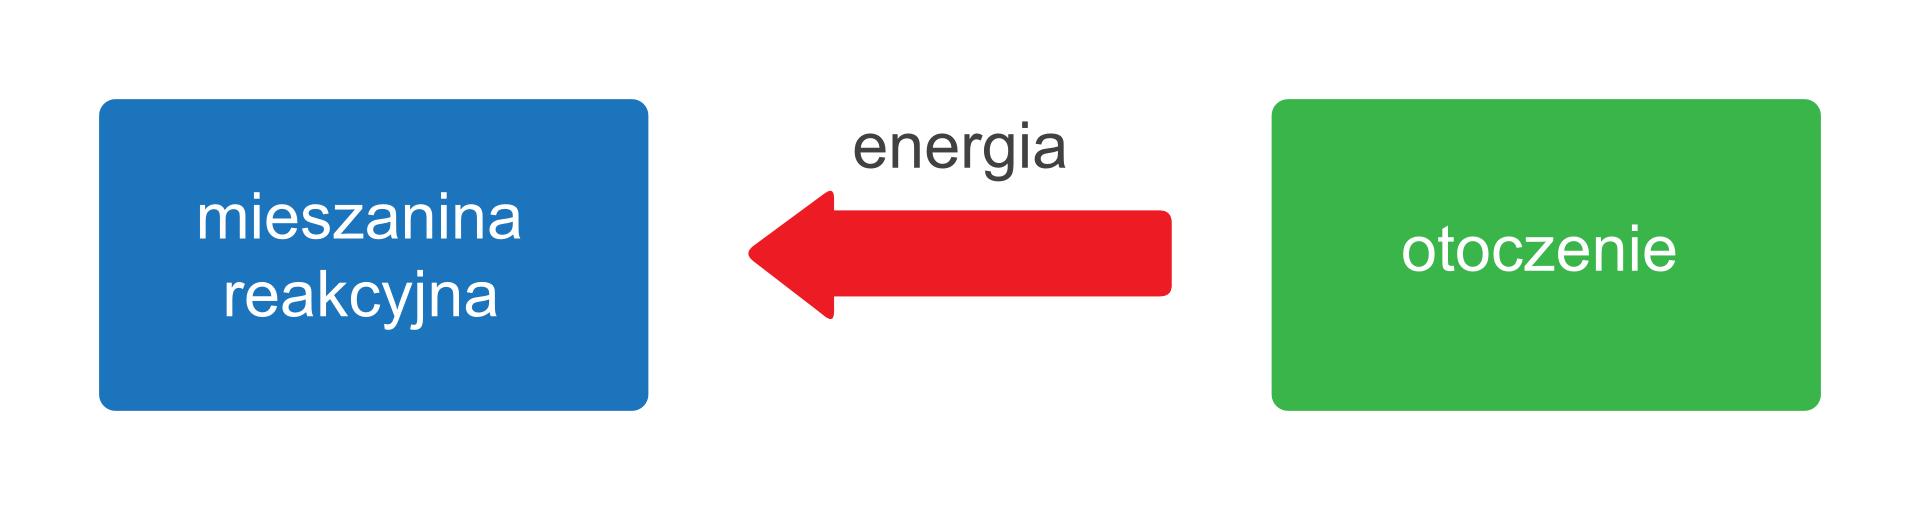 Ilustracja przedstawia schemat przemiany egzoenergetycznej, czyli takiej, której towarzyszy wydzielanie energii do otoczenia. Zlewej strony rysunku znajduje się niebieskie pole znapisem Mieszanina reakcyjna, azprawej zielone opisane słowem Otoczenie. Pomiędzy nimi znajduje się czerwona strzałka znapisem Energia skierowana wlewą stronę.